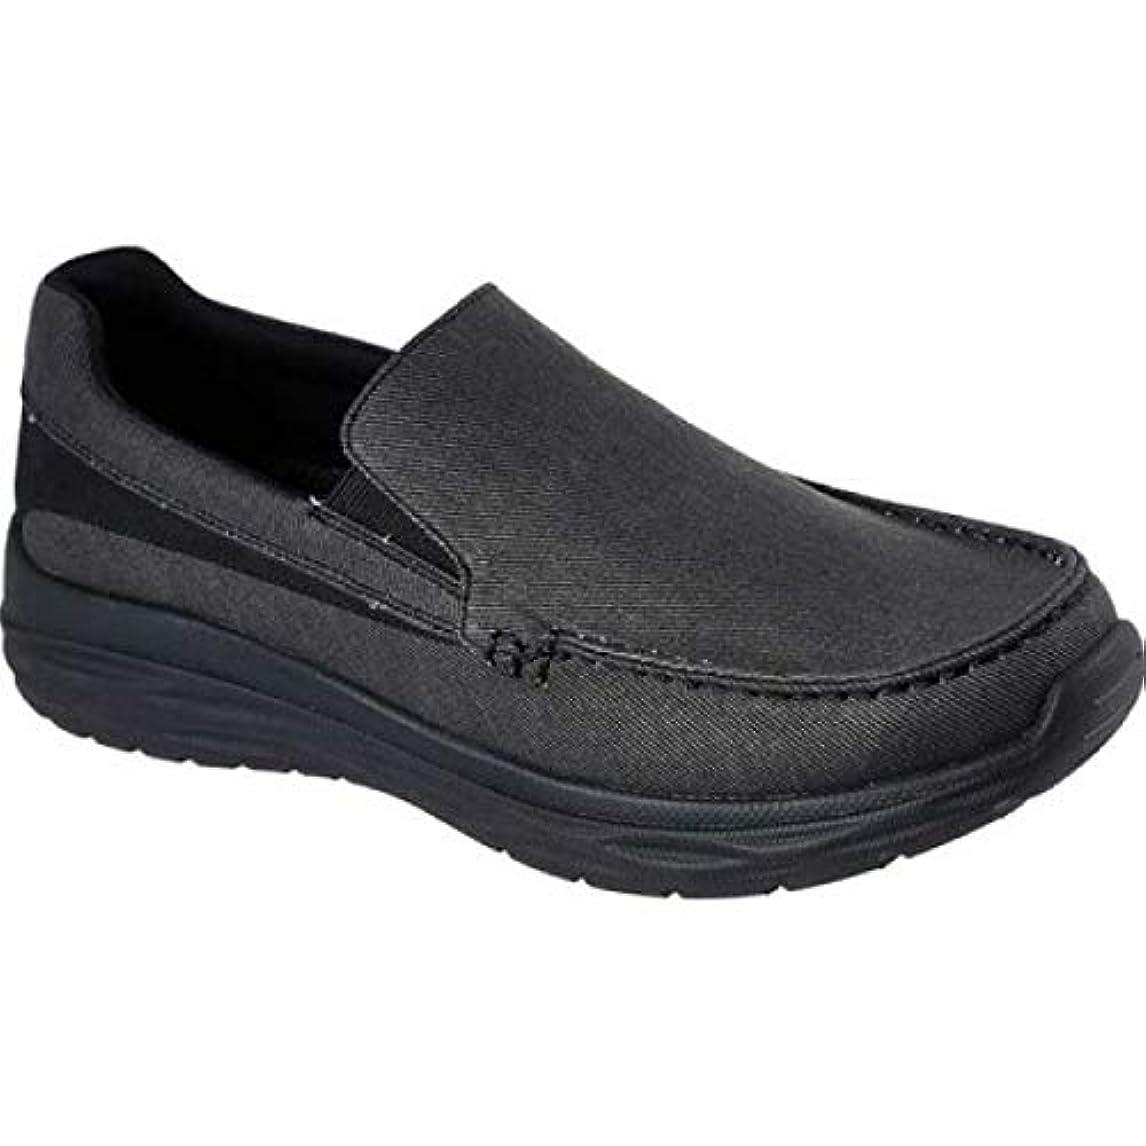 マザーランド異邦人計画(スケッチャーズ) Skechers メンズ シューズ?靴 ローファー Harsen Alondro Loafer [並行輸入品]